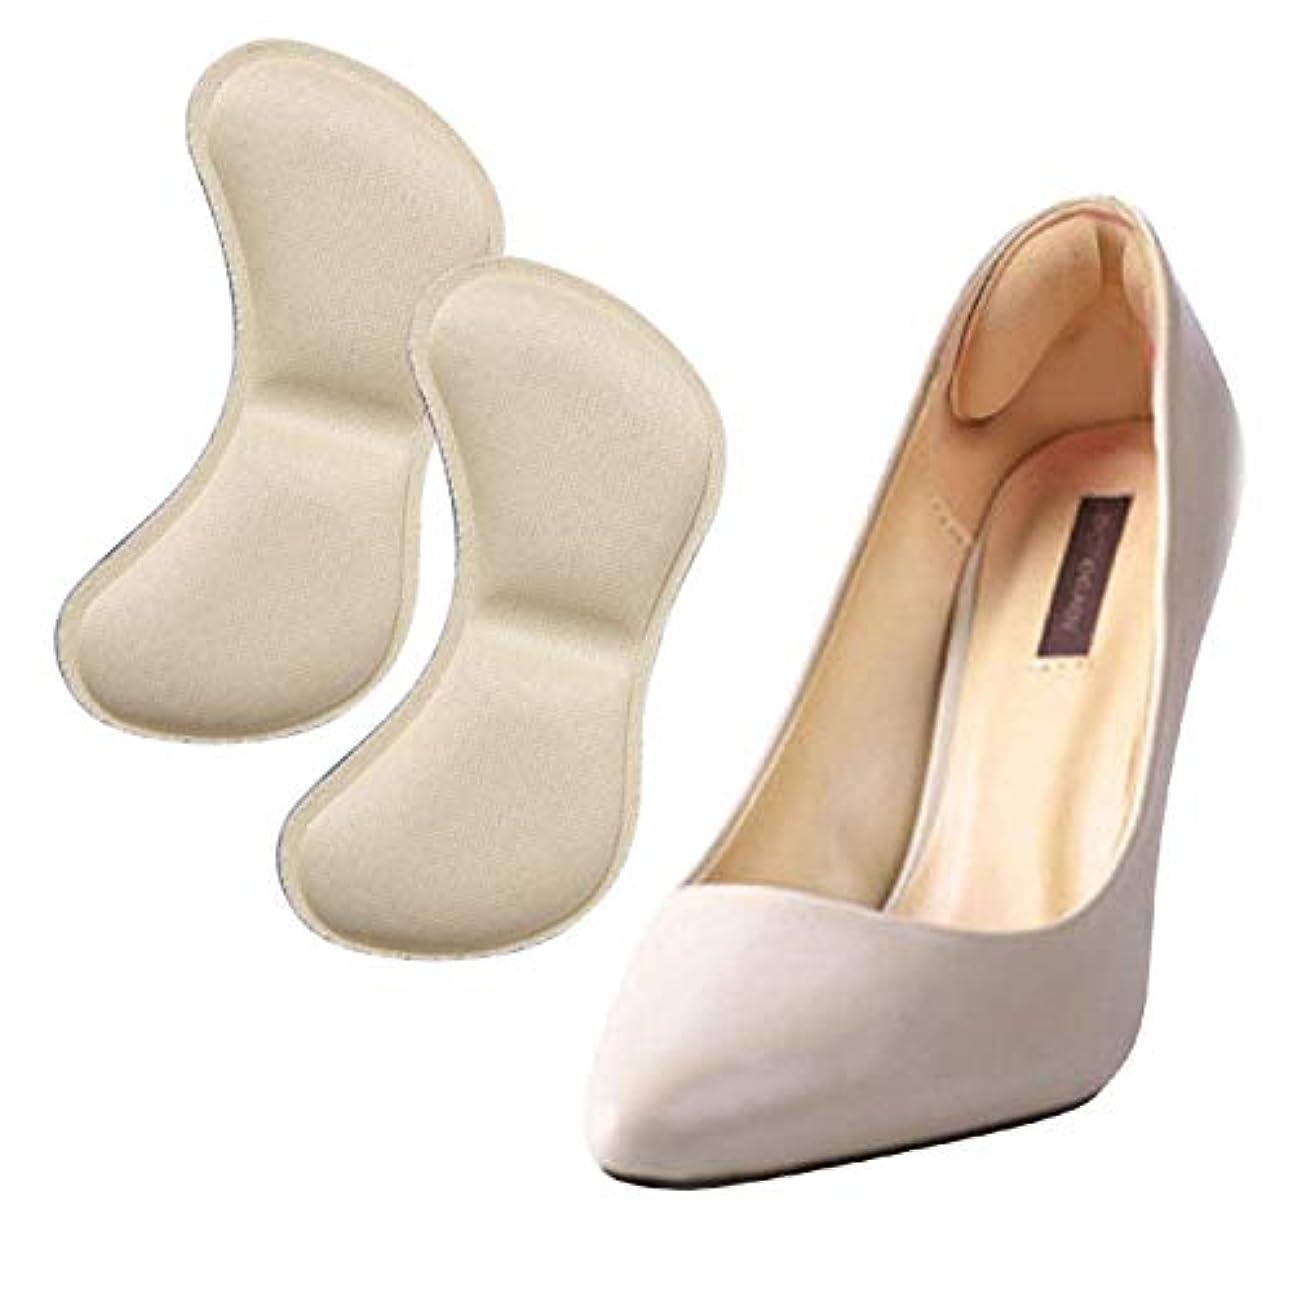 アメリカ時間トムオードリースsac taske かかとパッド レディース 靴ずれ 防止 パッド かかと 足用 ヒール 保護 10足 (ベージュ 10足セット)